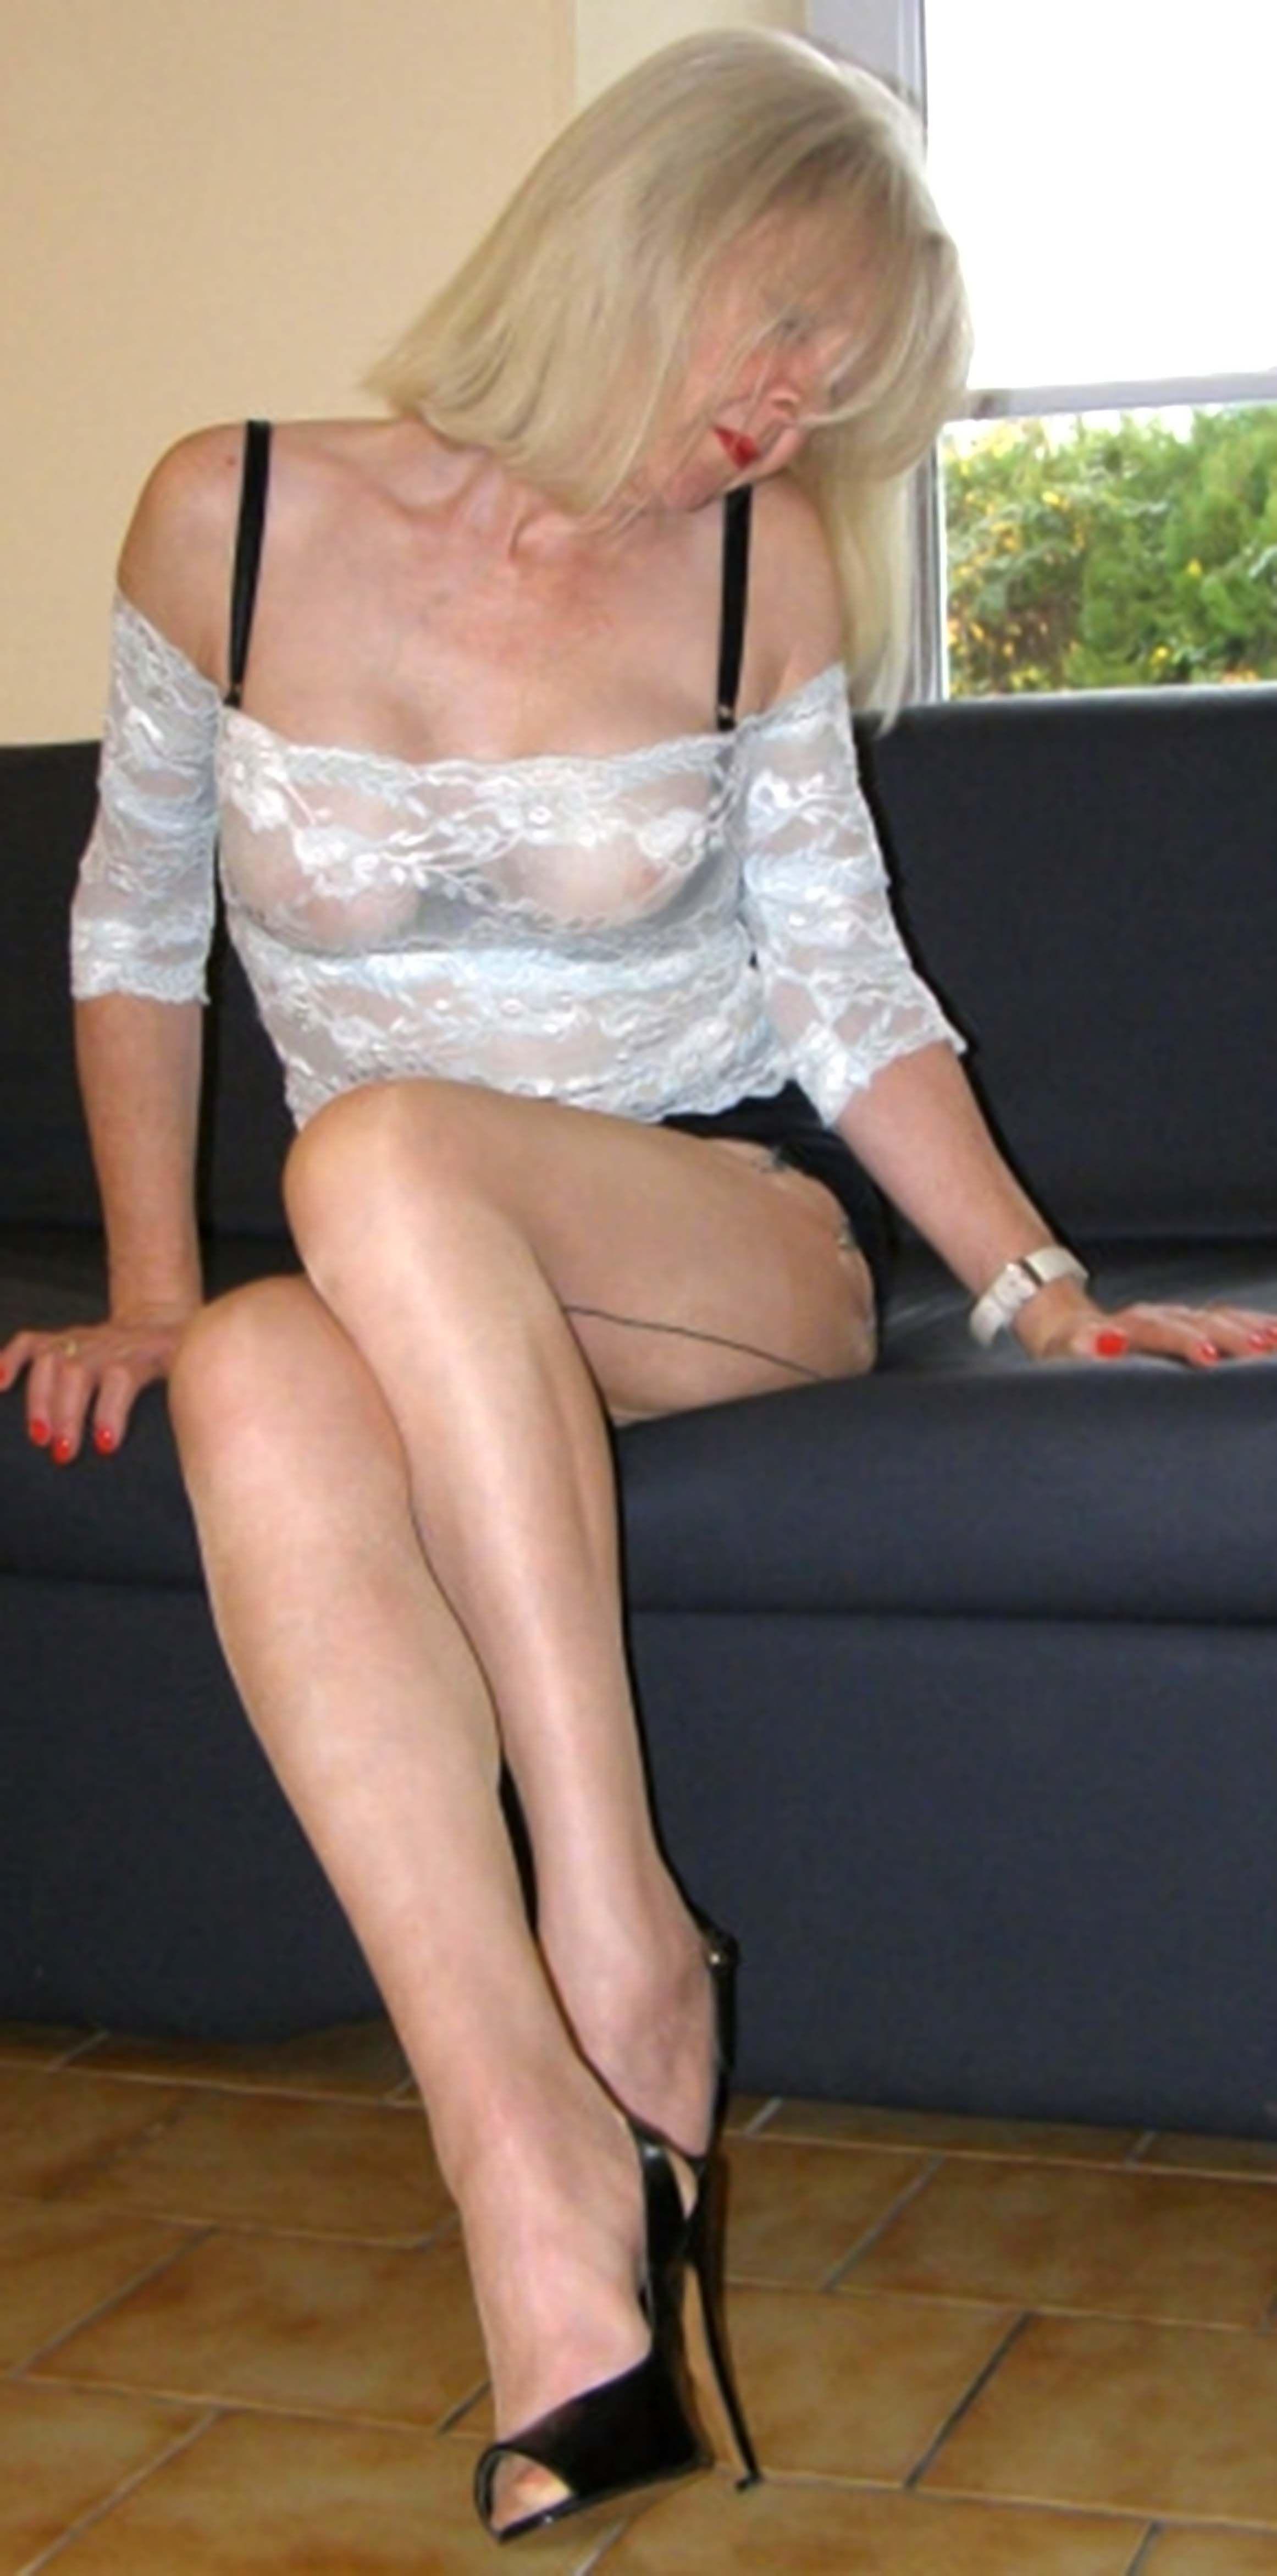 pinjavier on segundo tiempo | pinterest | beautiful legs, legs